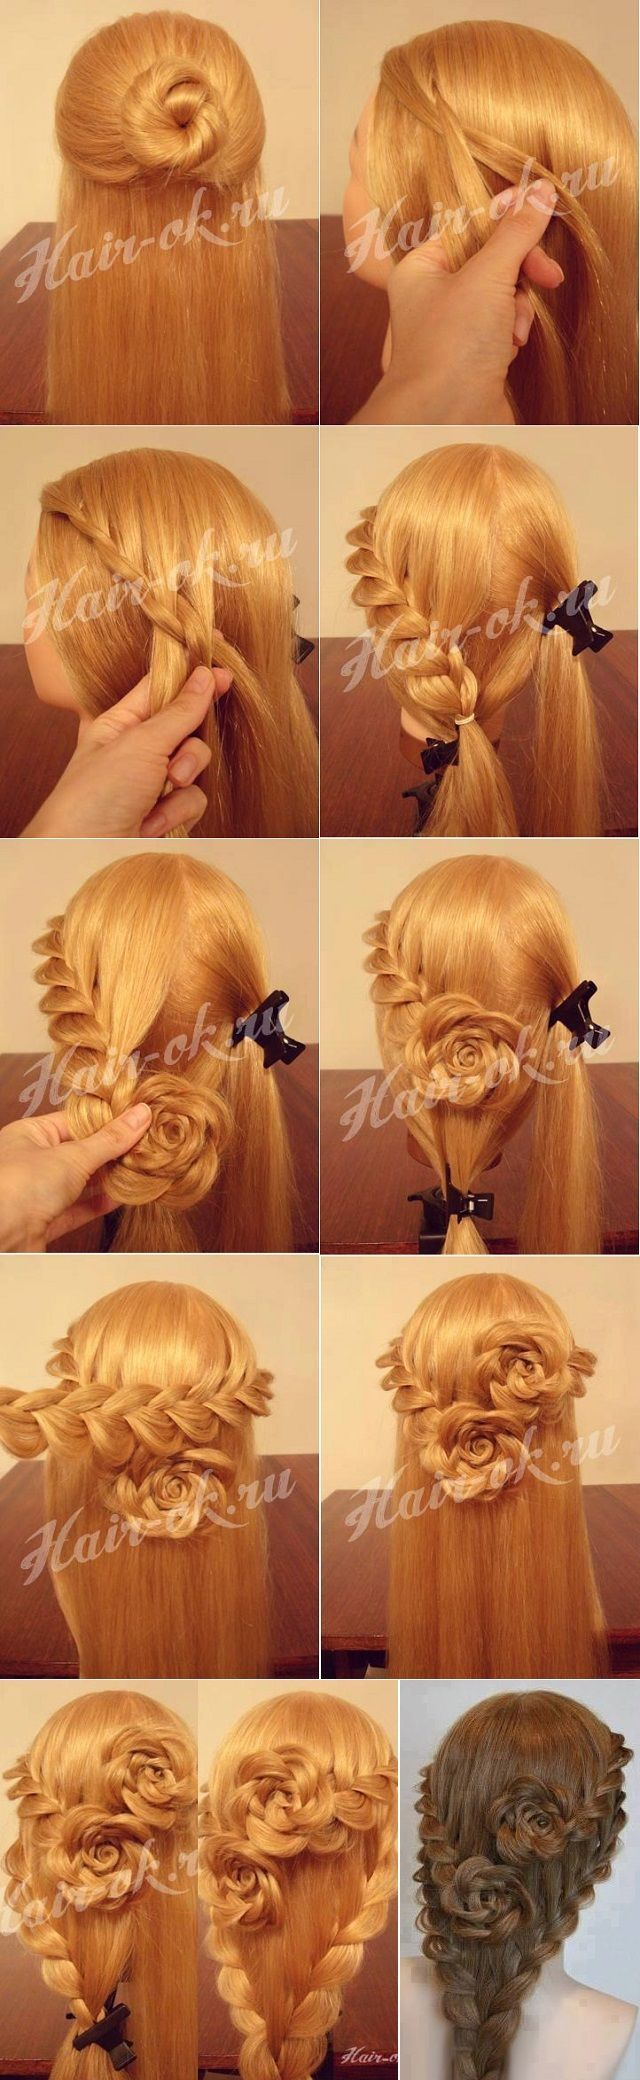 Rose Bud Flower Braid Hairstyle – Tutorial